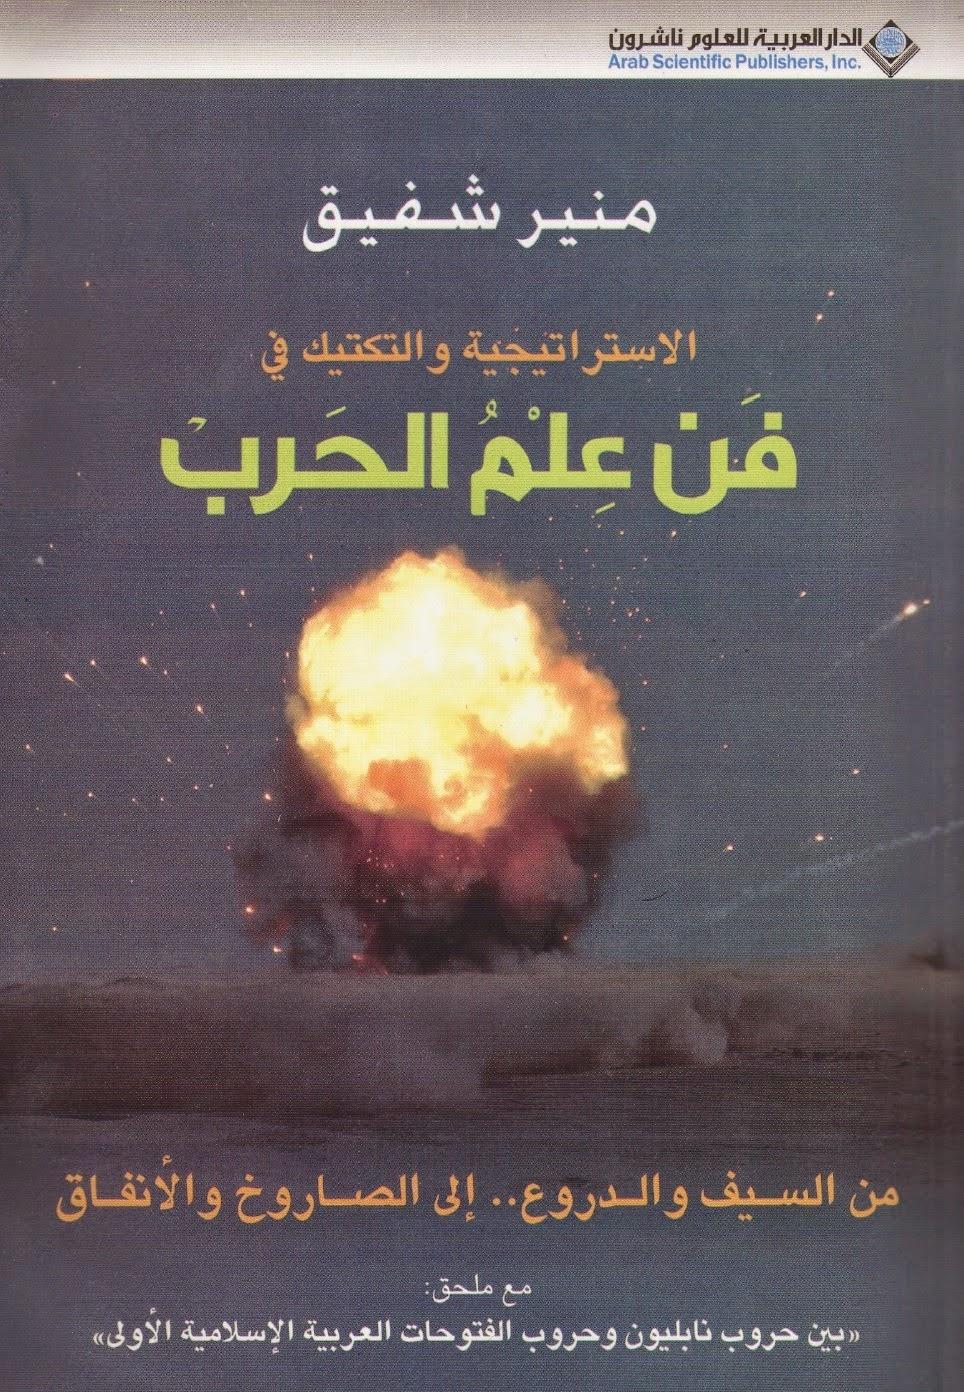 الاستراتيجية والتكتيك في فن علم الحرب لـ منير شفيق